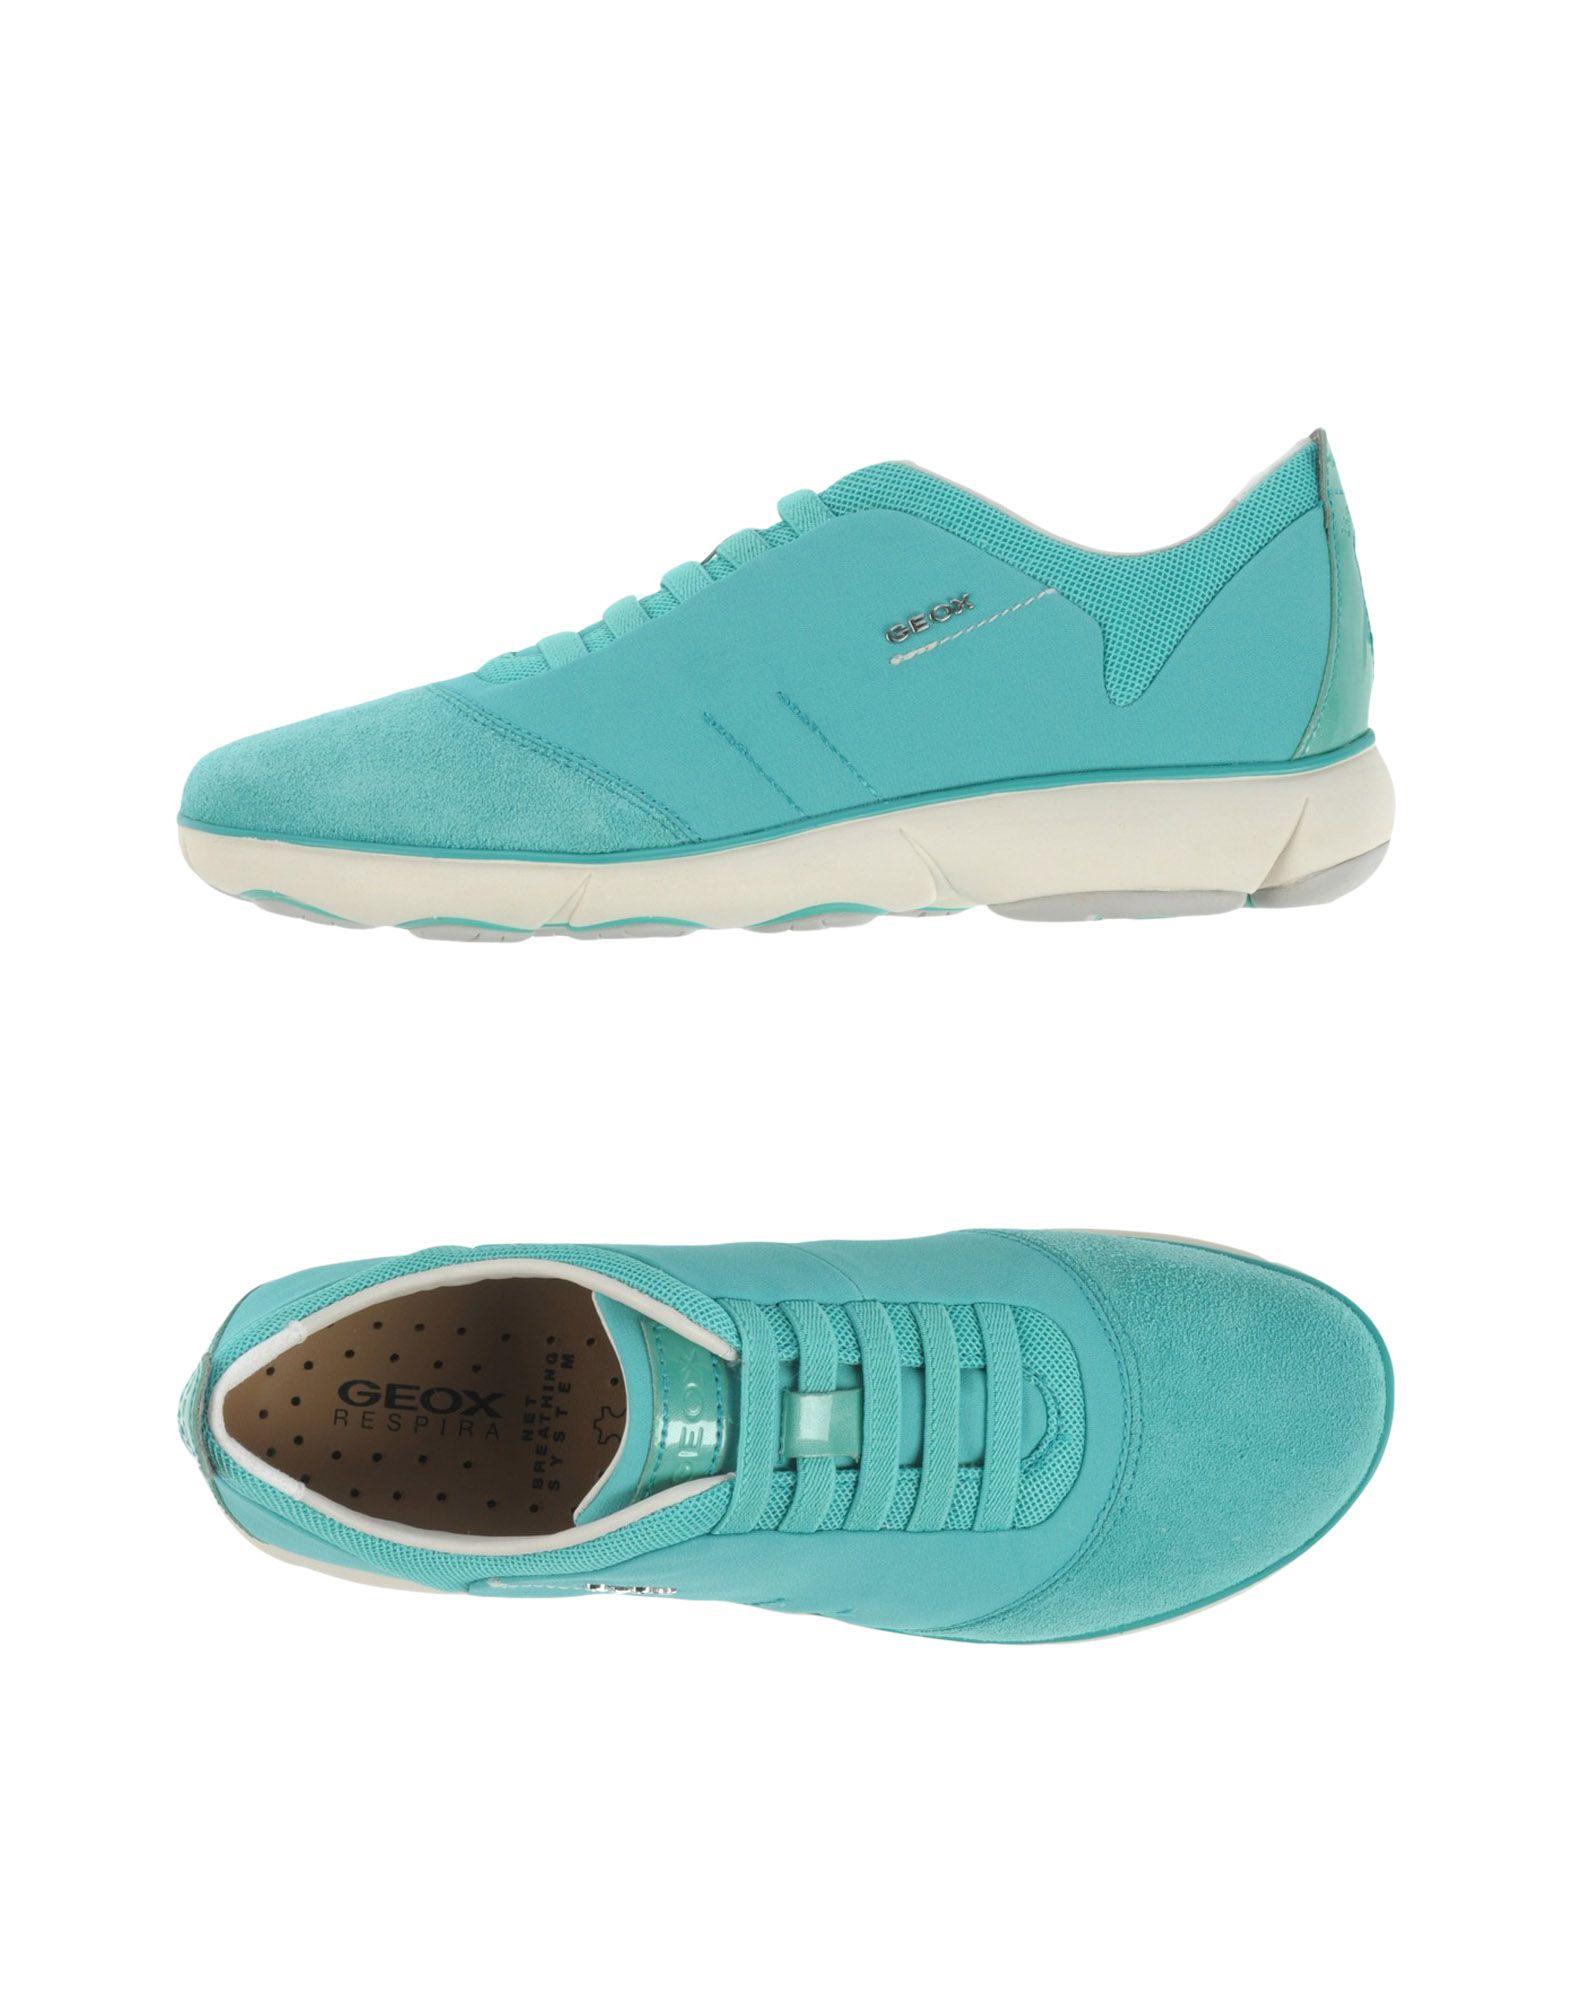 Geox Sneakers Damen Damen Sneakers  44989636LI 8001fa